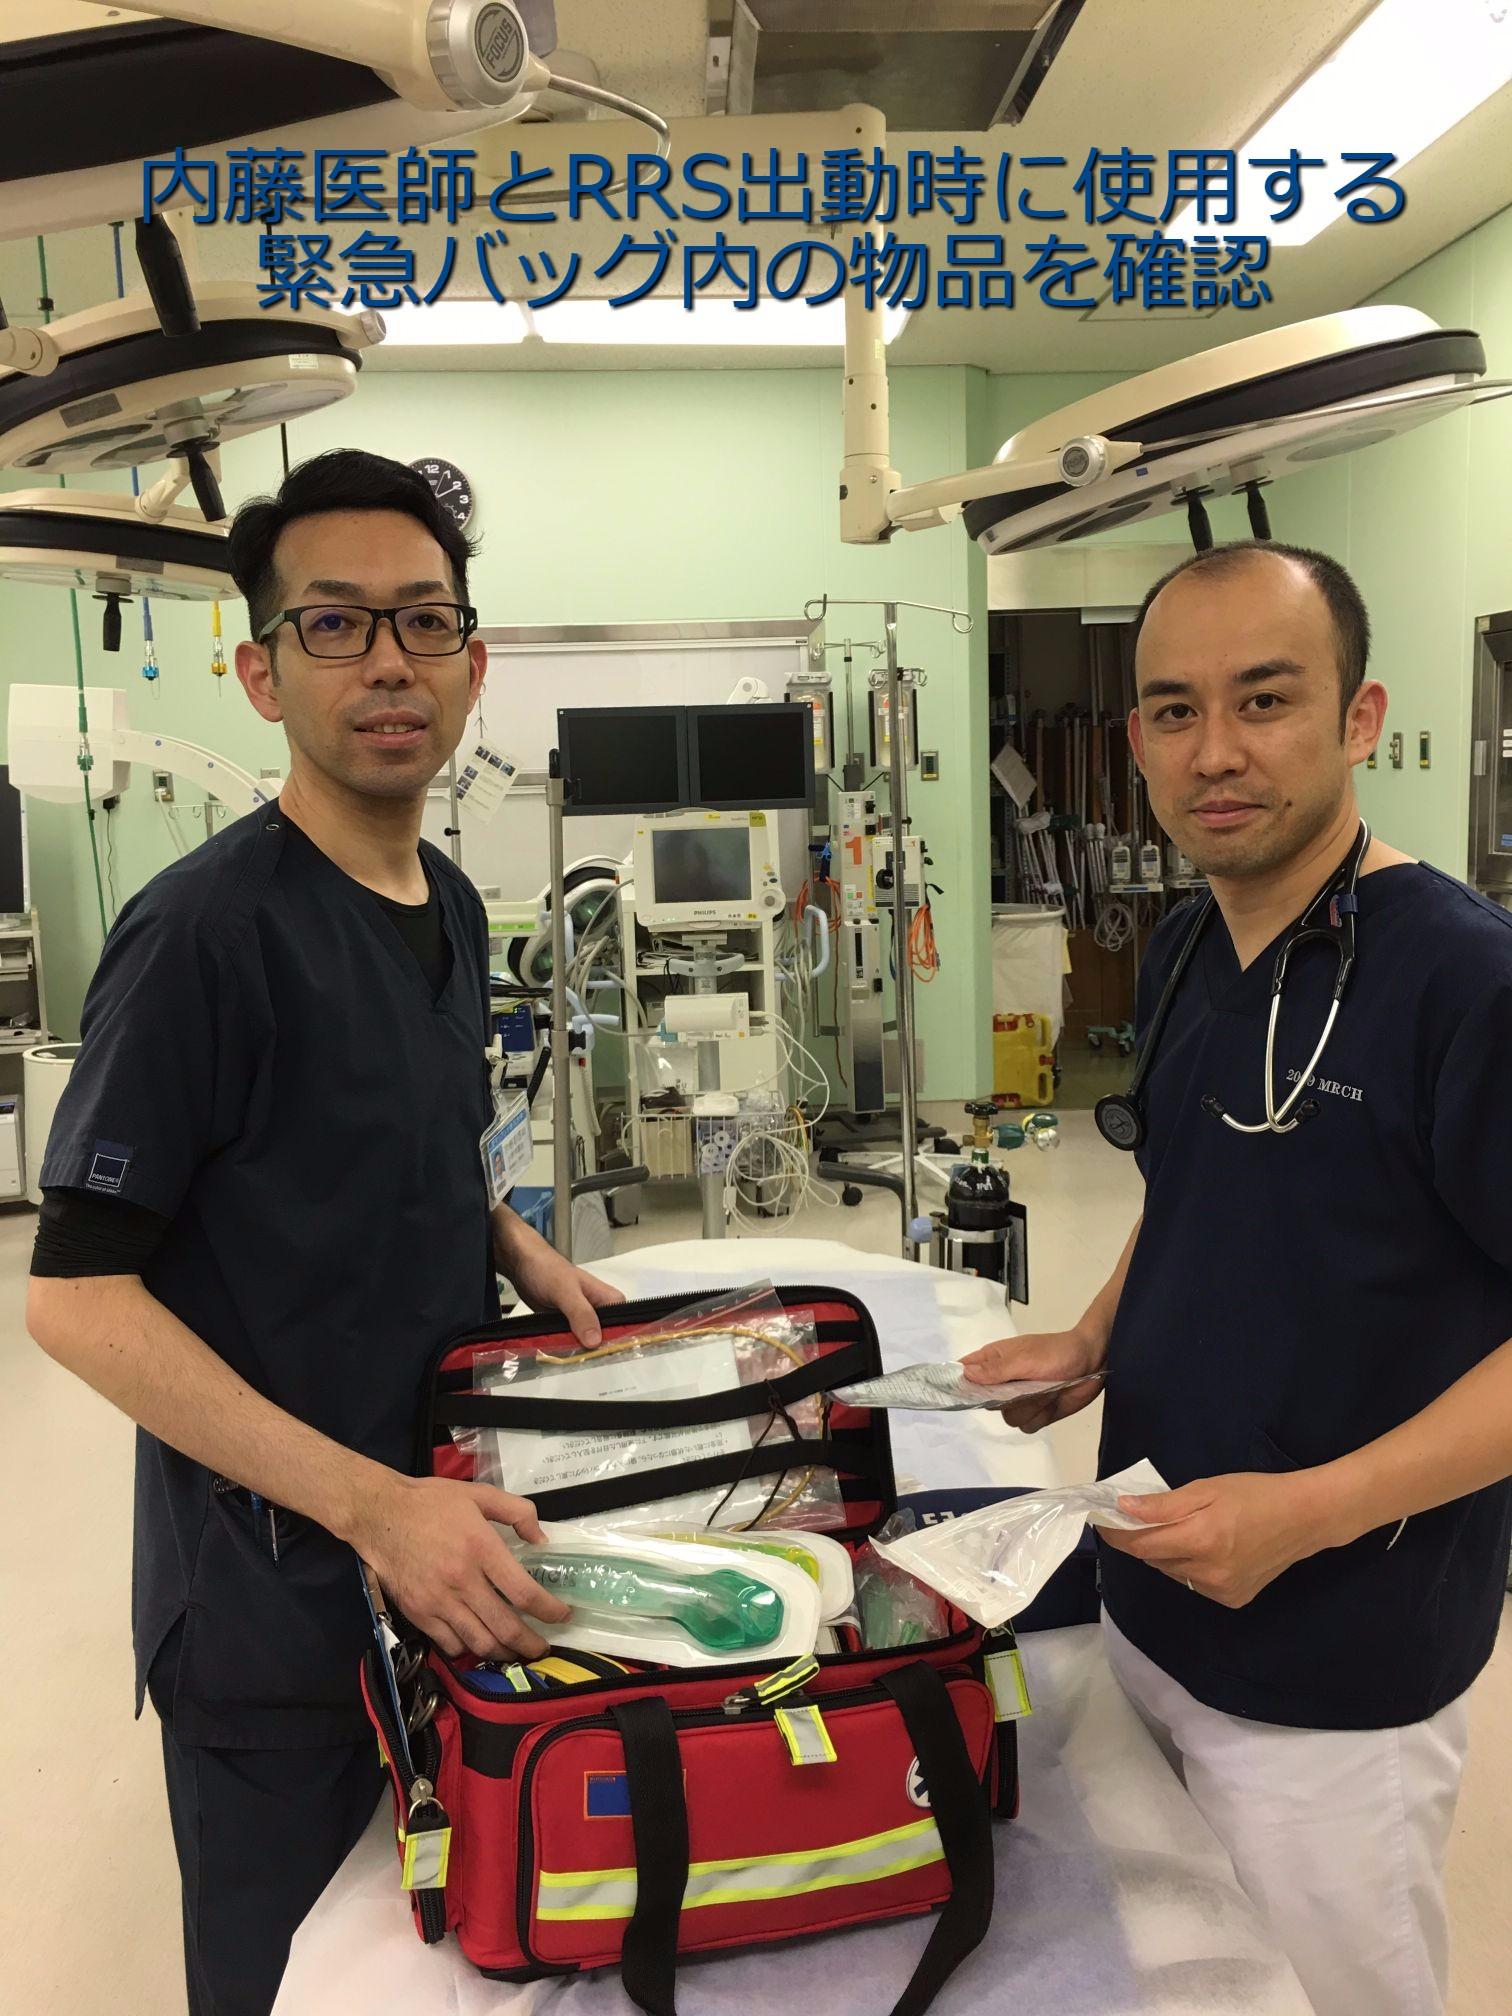 内藤医師とRRS出動時に使用する緊急バッグ内の物品を確認